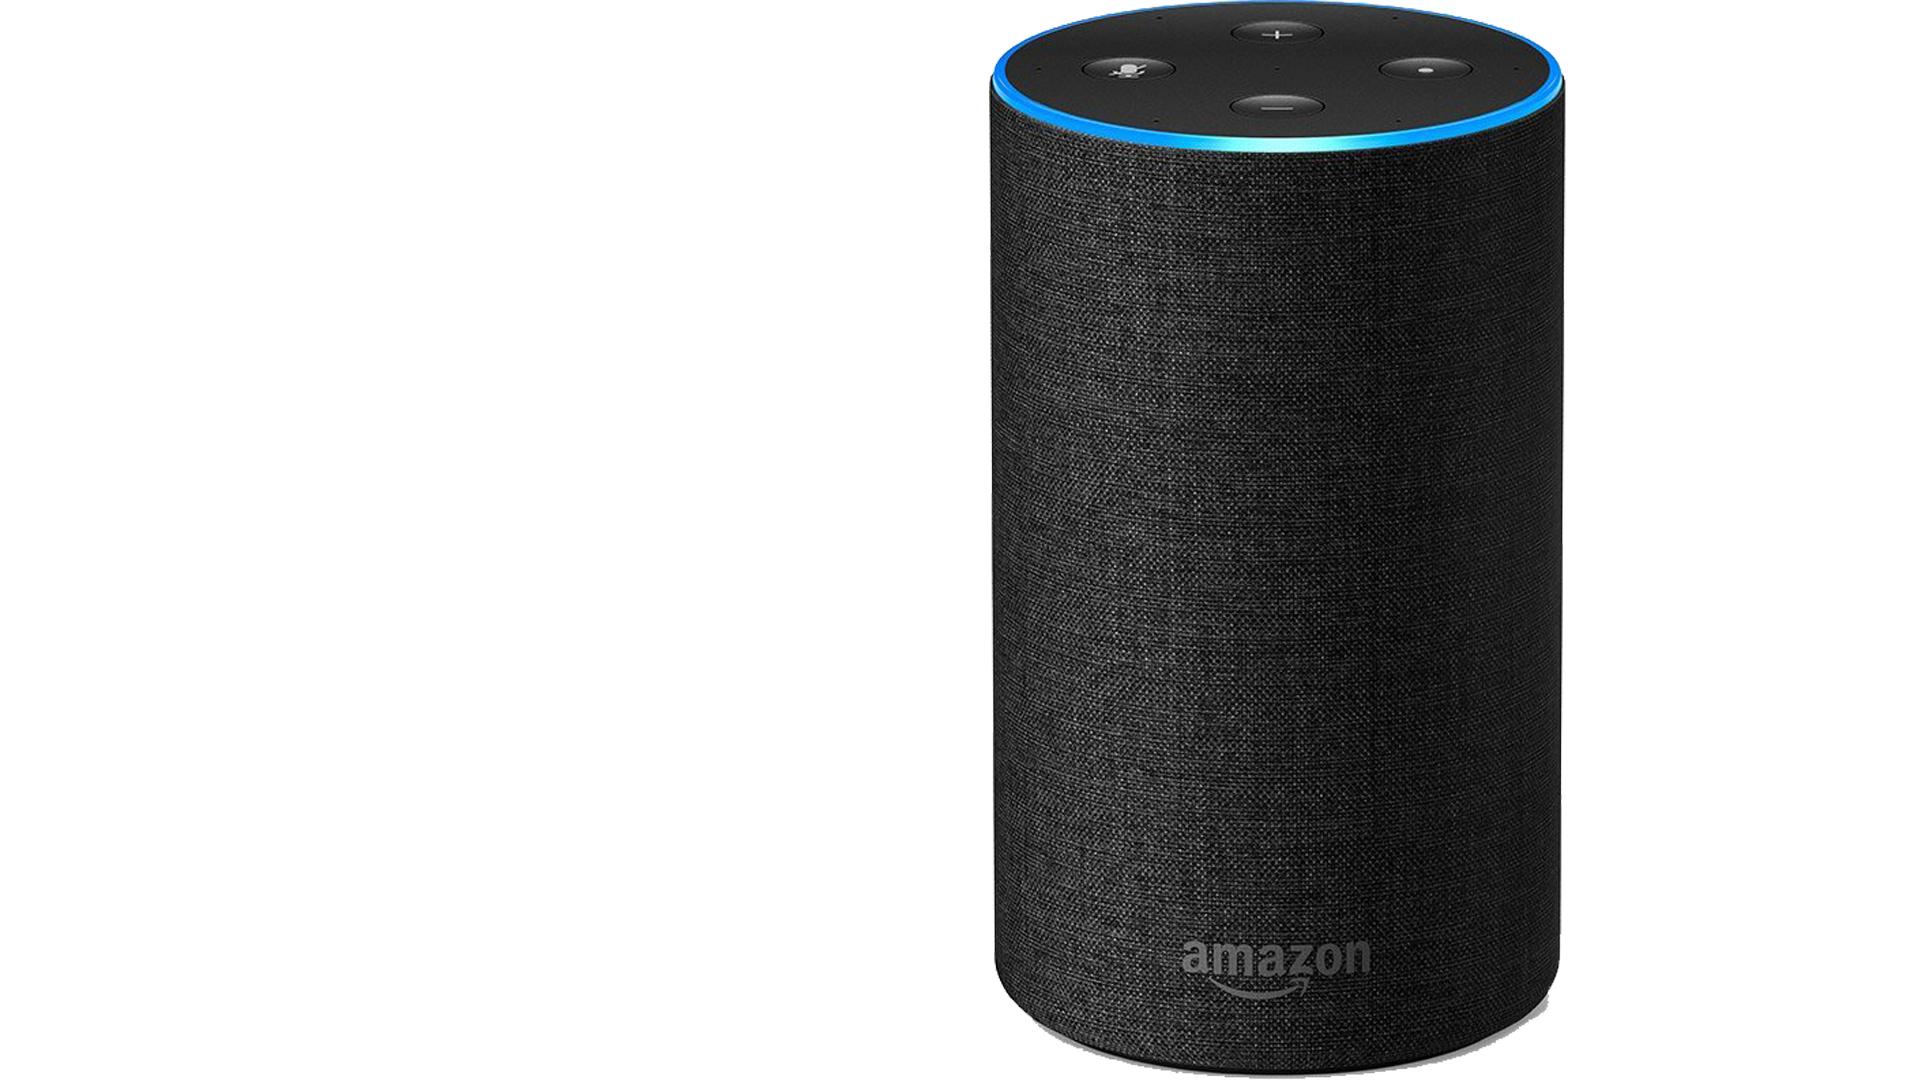 Gli altoparlanti intelligenti di Amazon arrivano alla loro seconda generazione